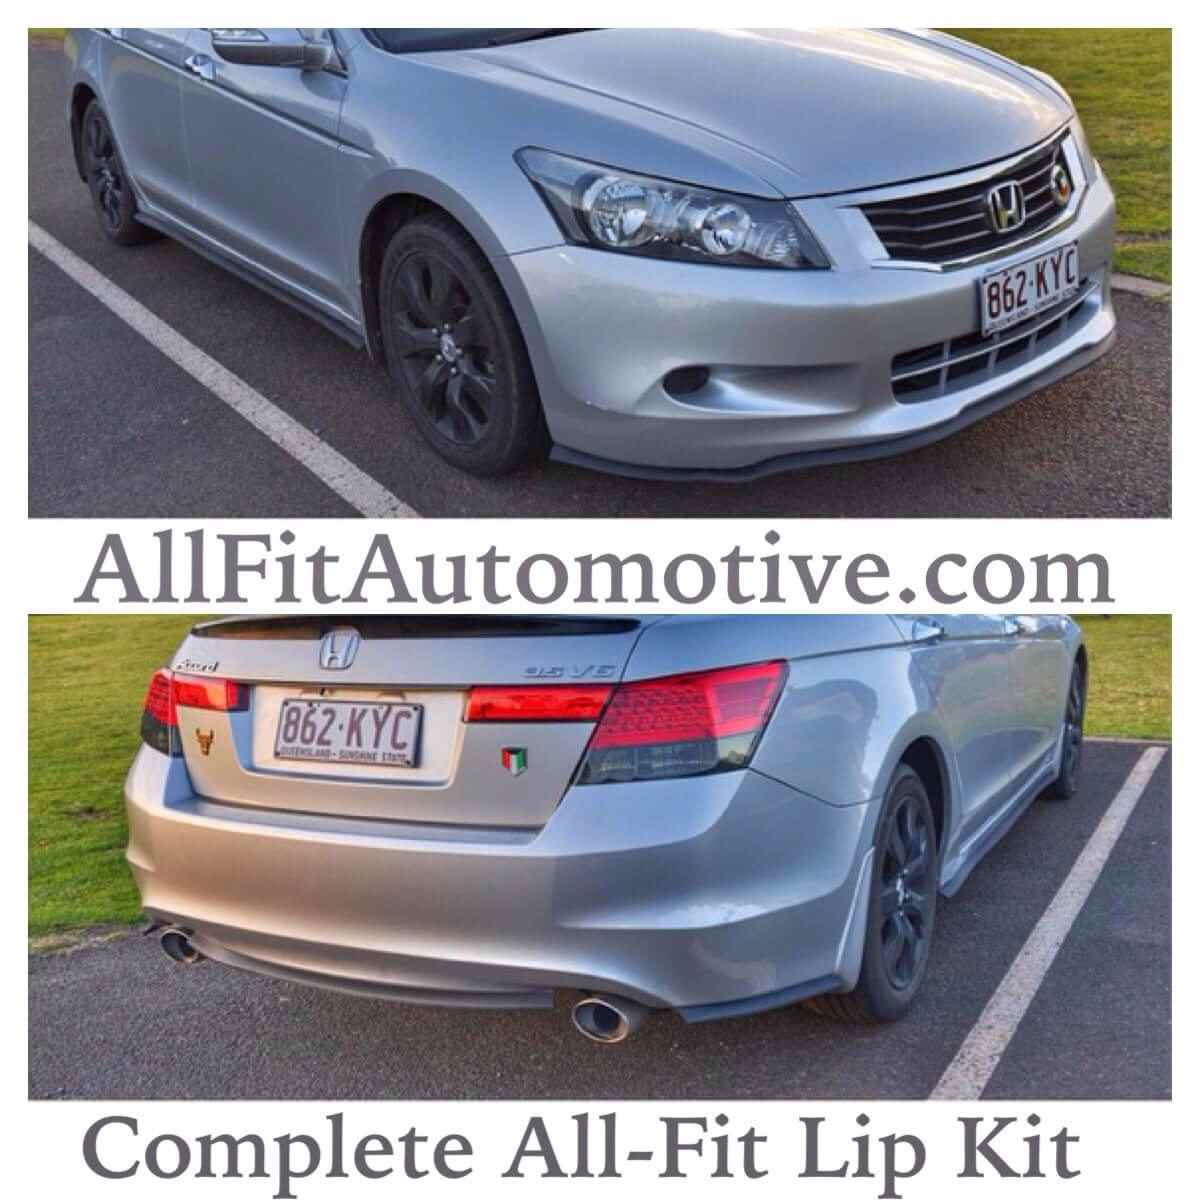 Honda Accord All-fit Lip Kit